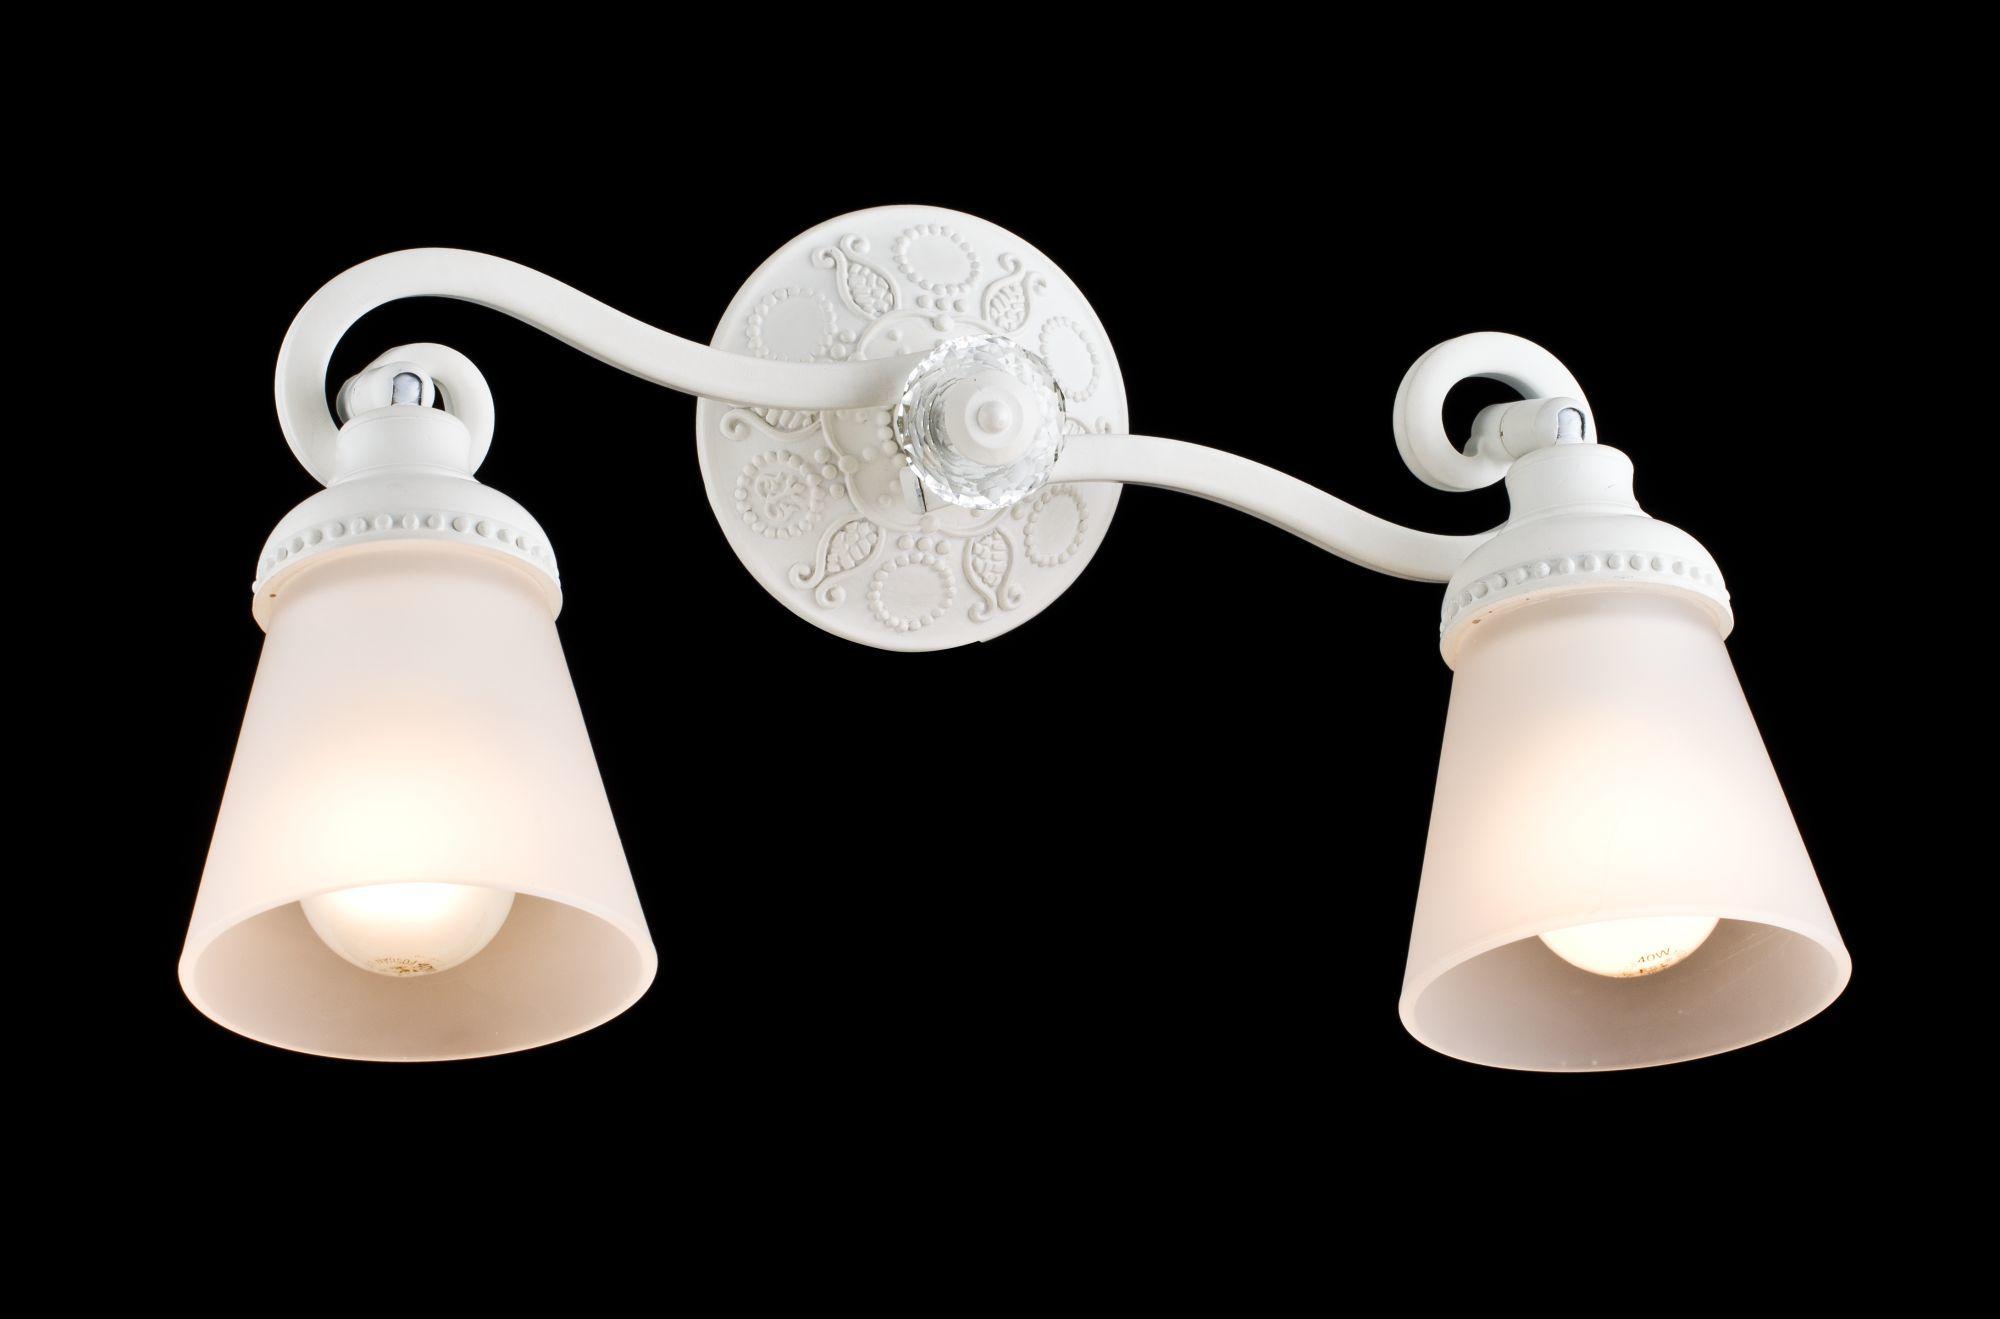 Потолочный светильник с регулировкой направления света Maytoni Classic Mia SP564-CW-02-W (ECO564-02-W), 2xE14x40W, белый, металл, стекло - фото 3